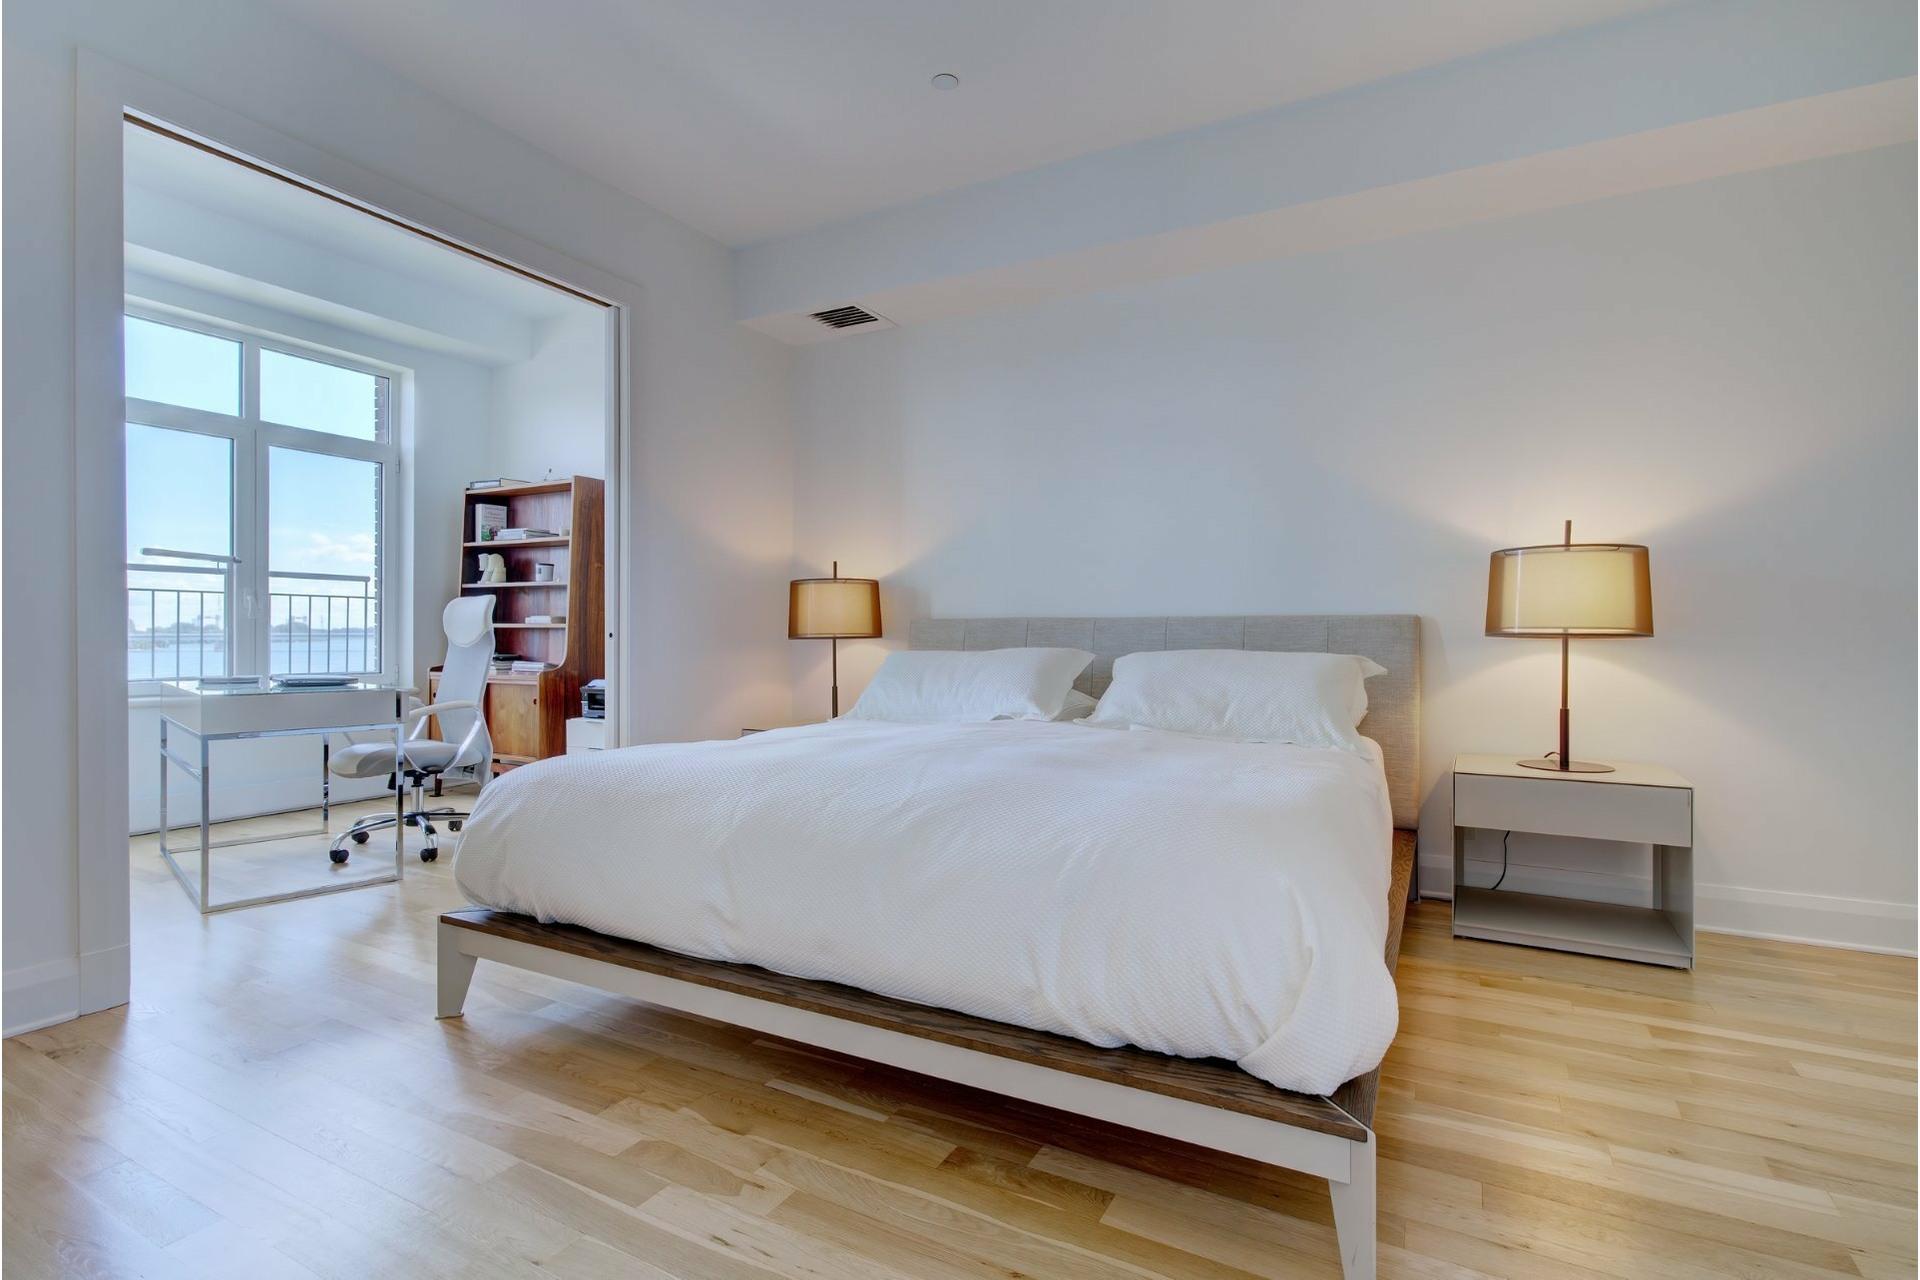 image 15 - Apartment For sale Ville-Marie Montréal  - 6 rooms